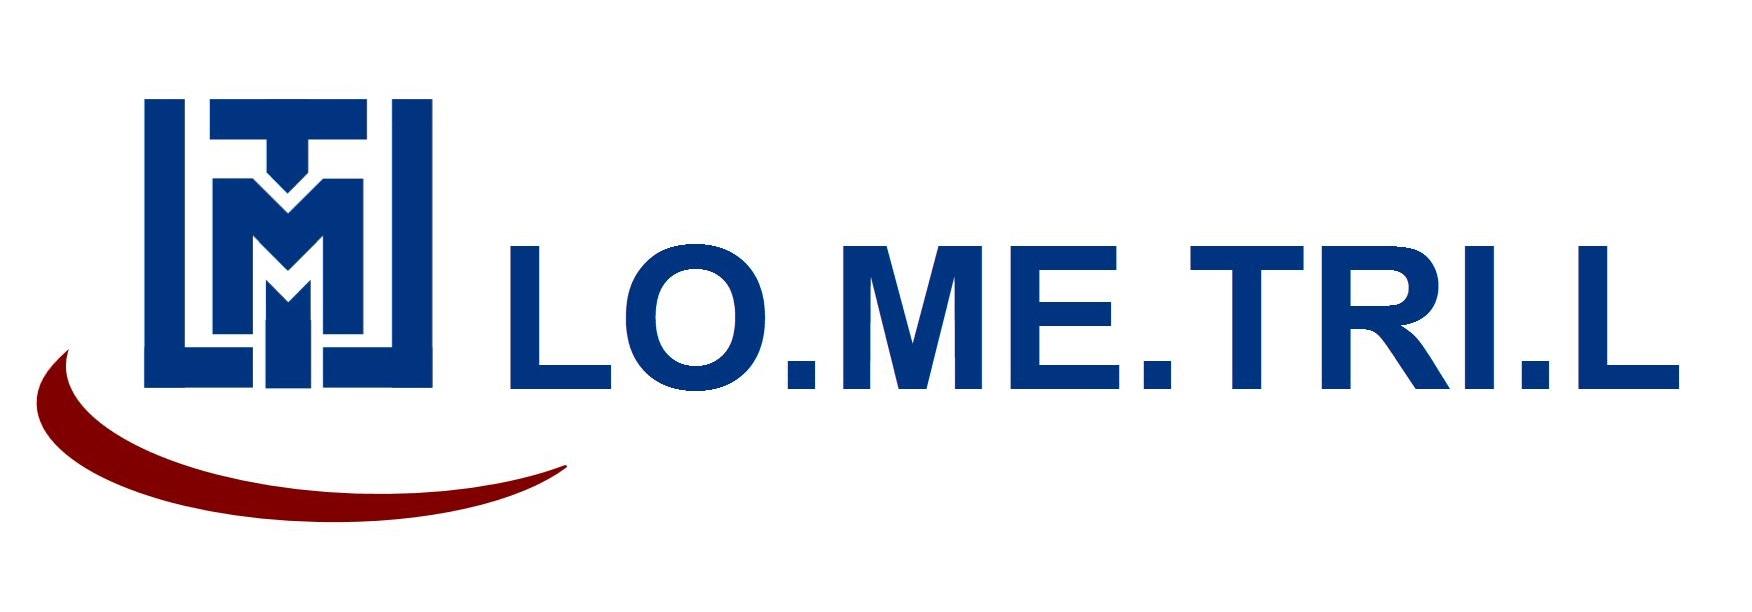 LOGO LOMETRIL 13-09-2016 COMPLETO